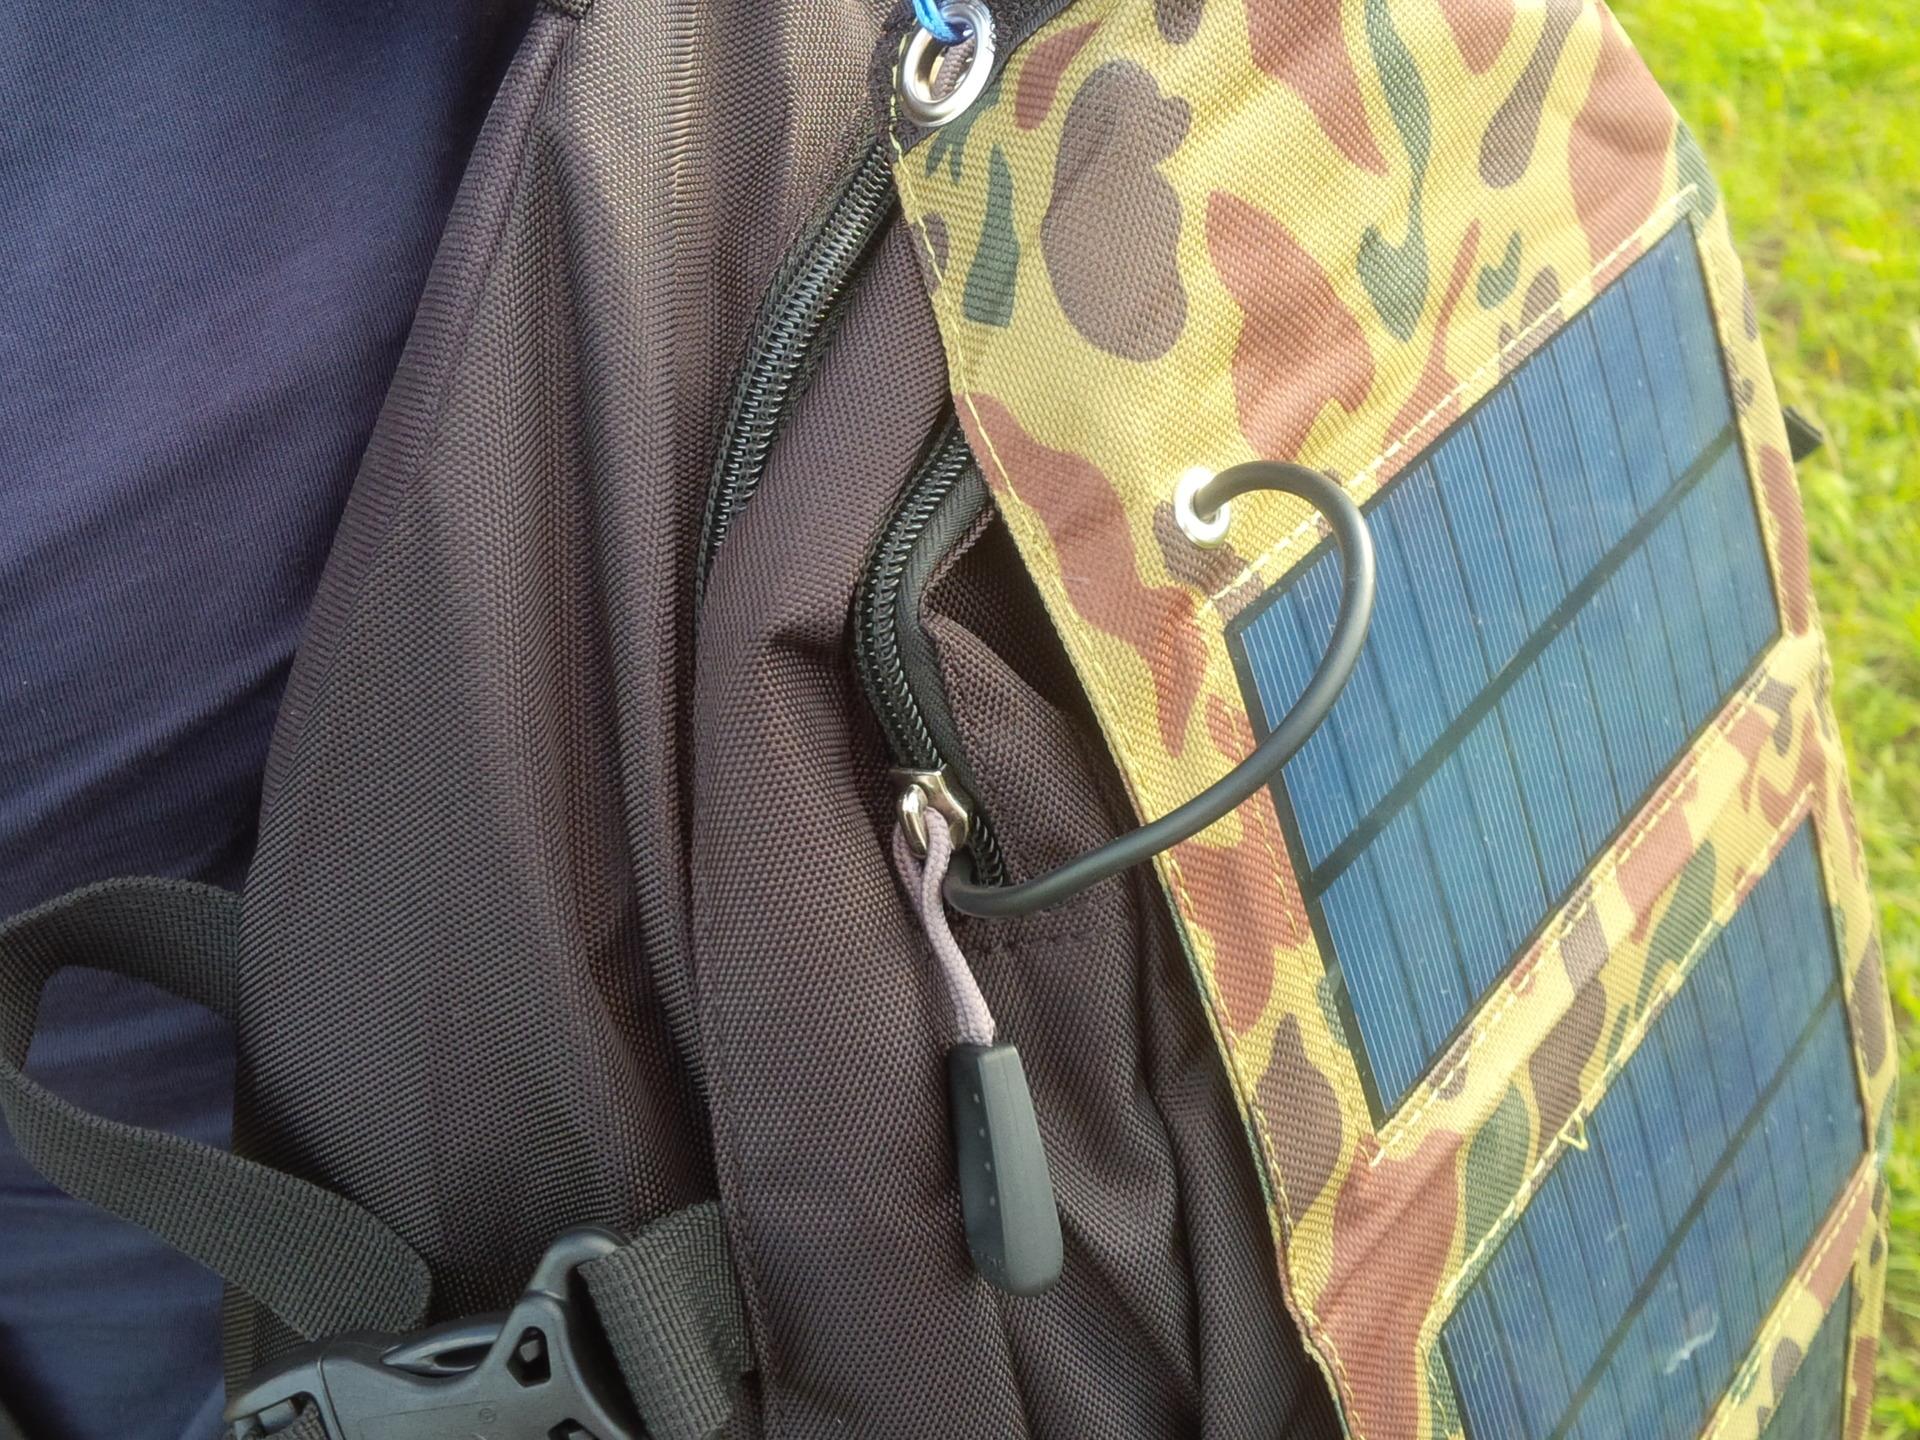 Солнечная батарея крепится на рюкзаки херлиц рюкзаки купить сочи